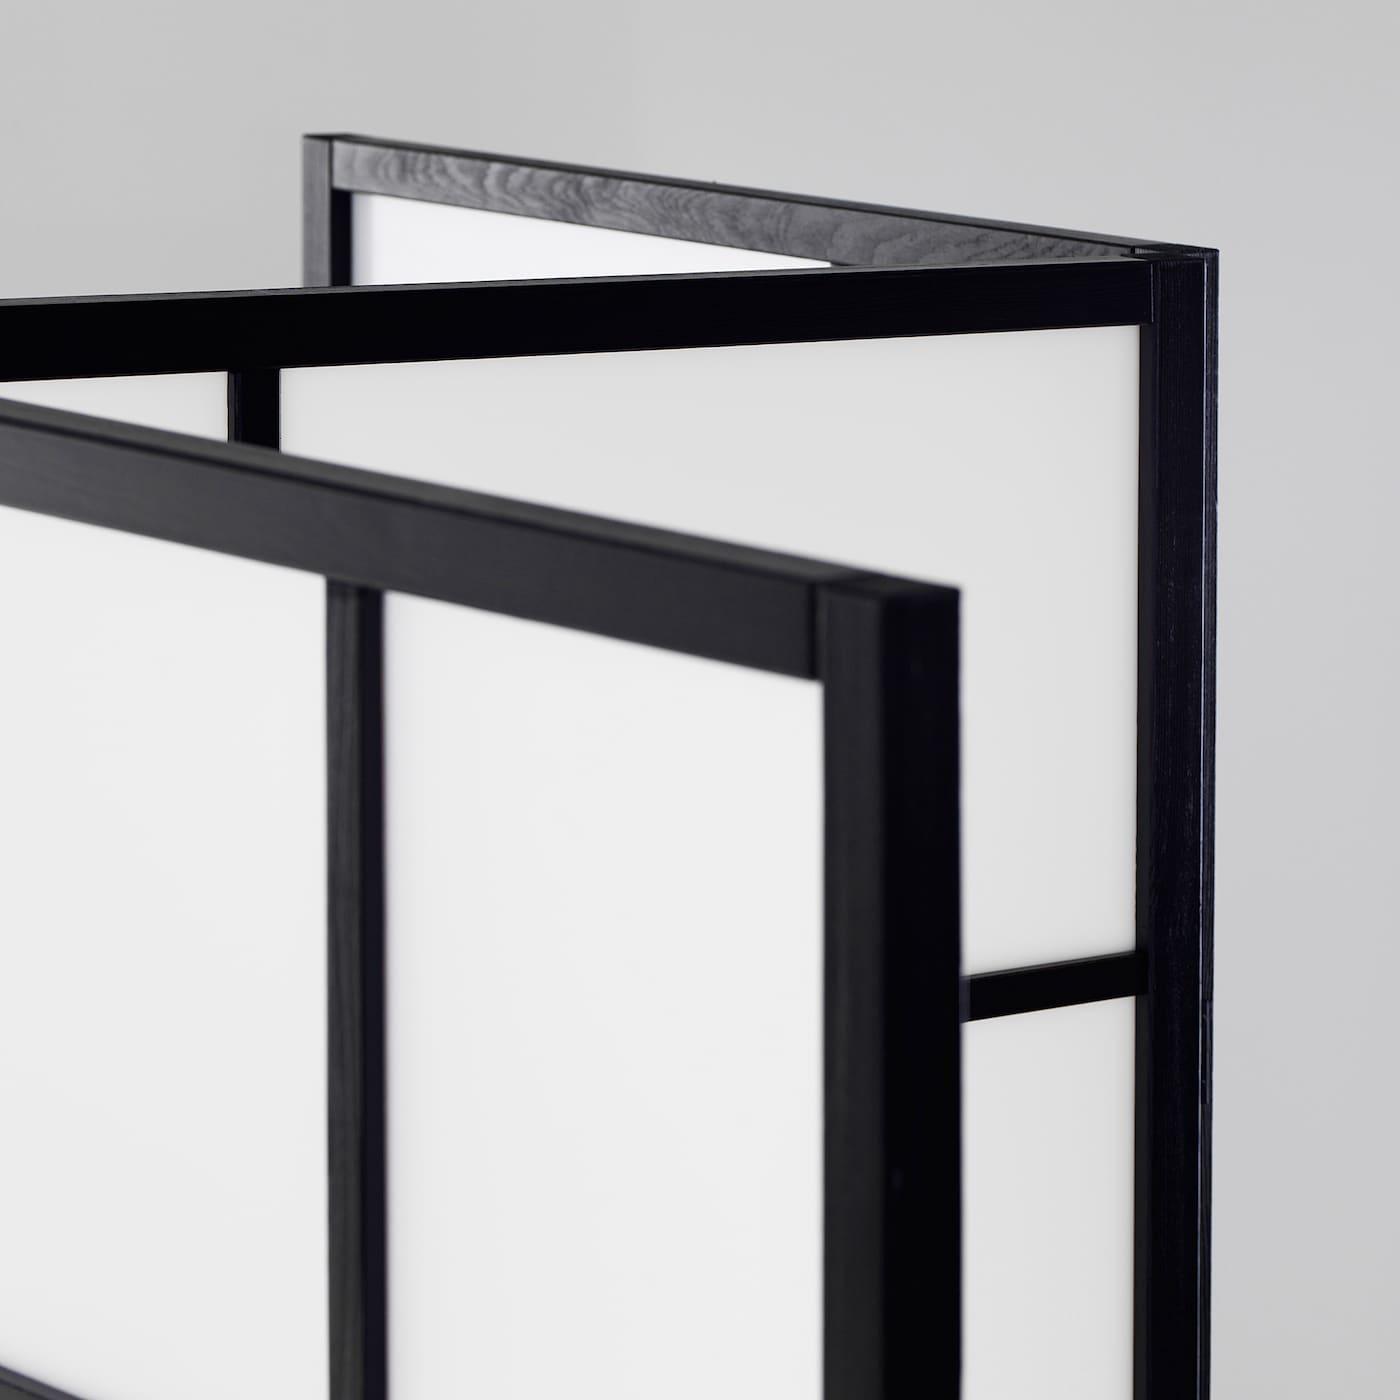 Risor Raumteiler Praktischer Paravent Mit Massivholz Rahmen